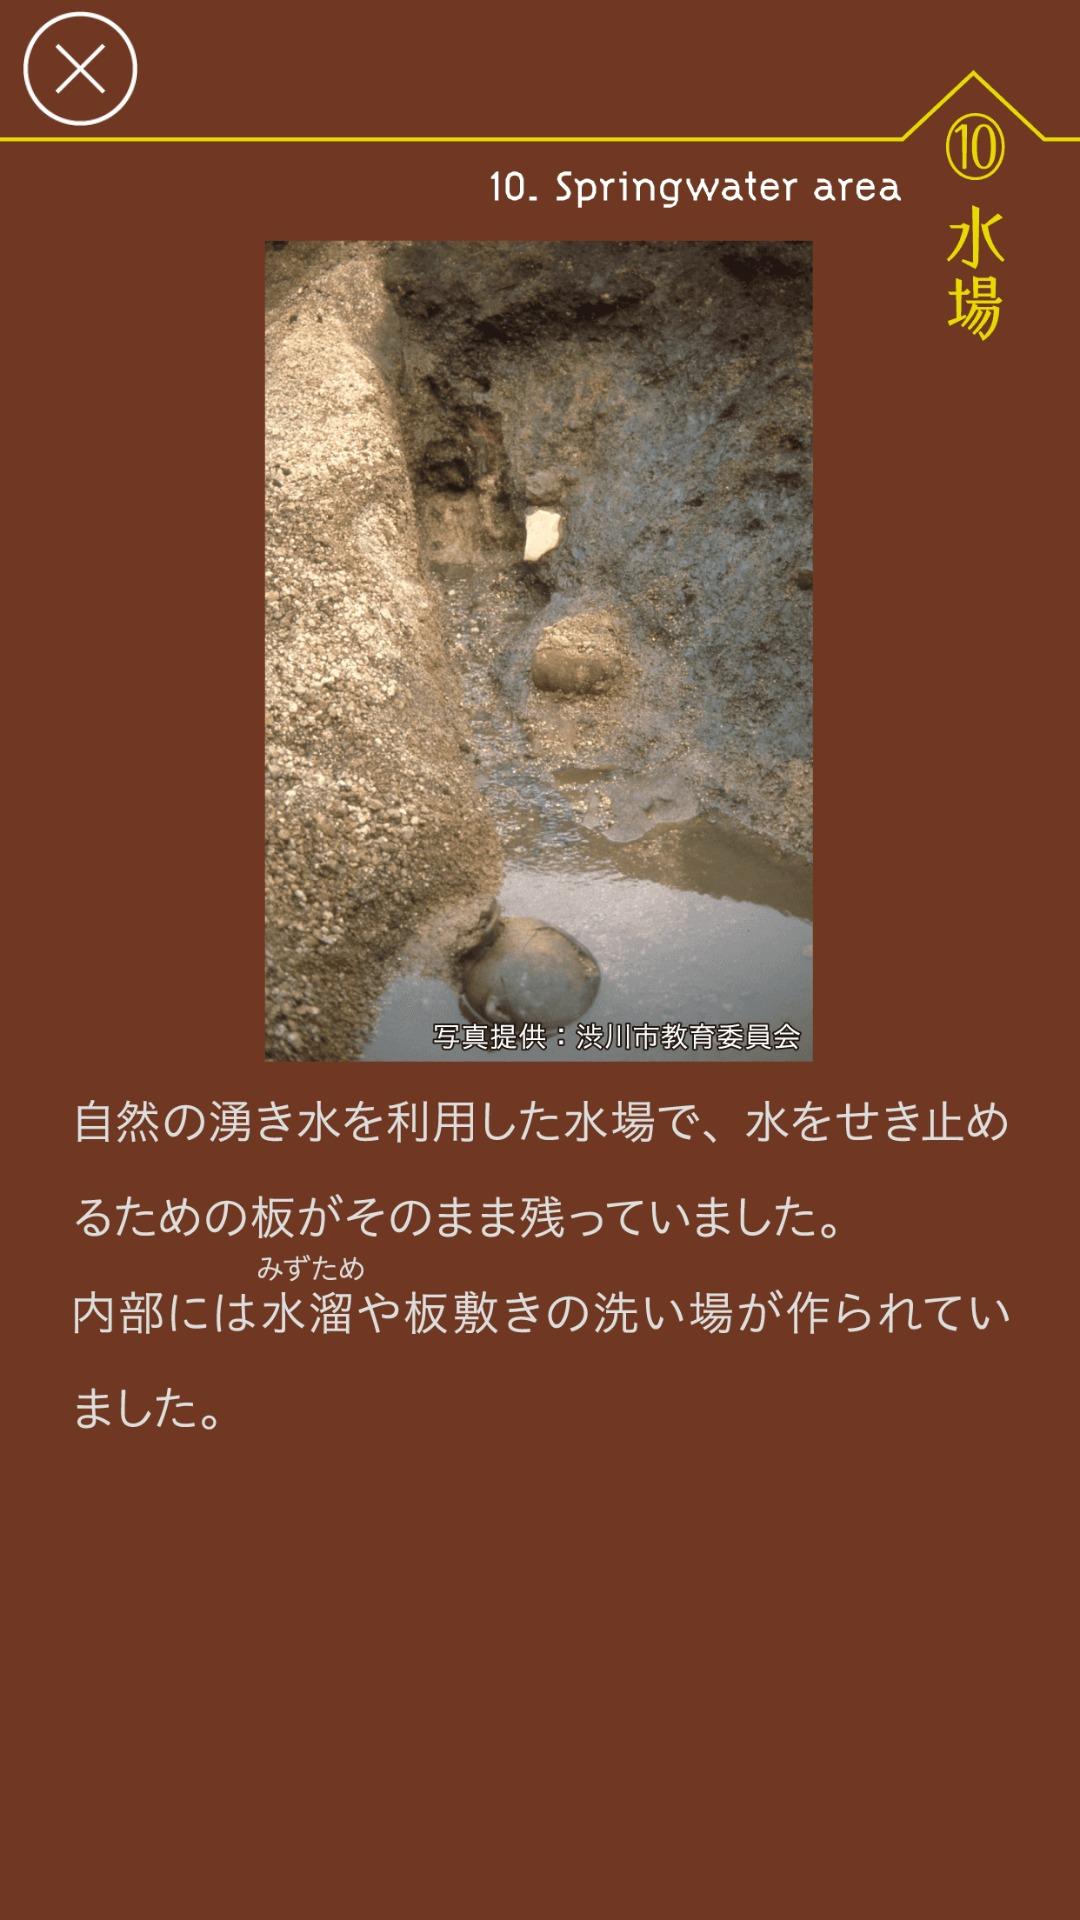 黒井峯トラベル 水場